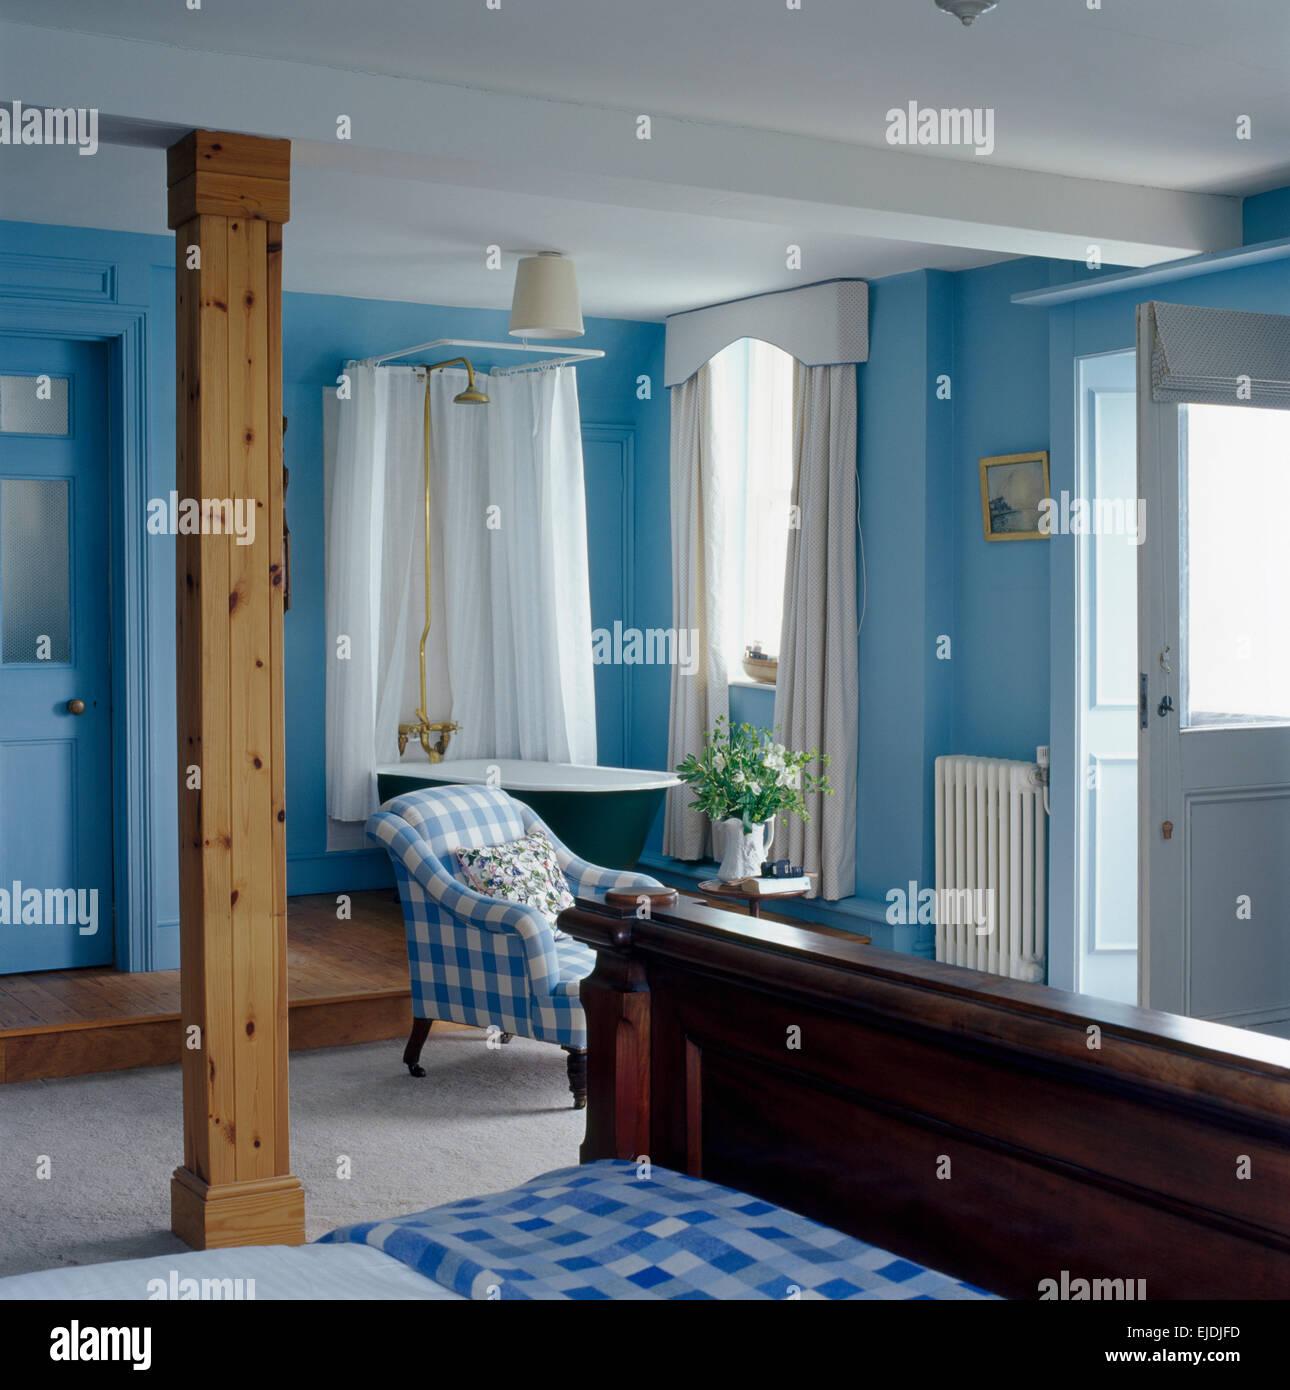 Magnificent Upright Bath Crest - Bathtub Ideas - dilata.info